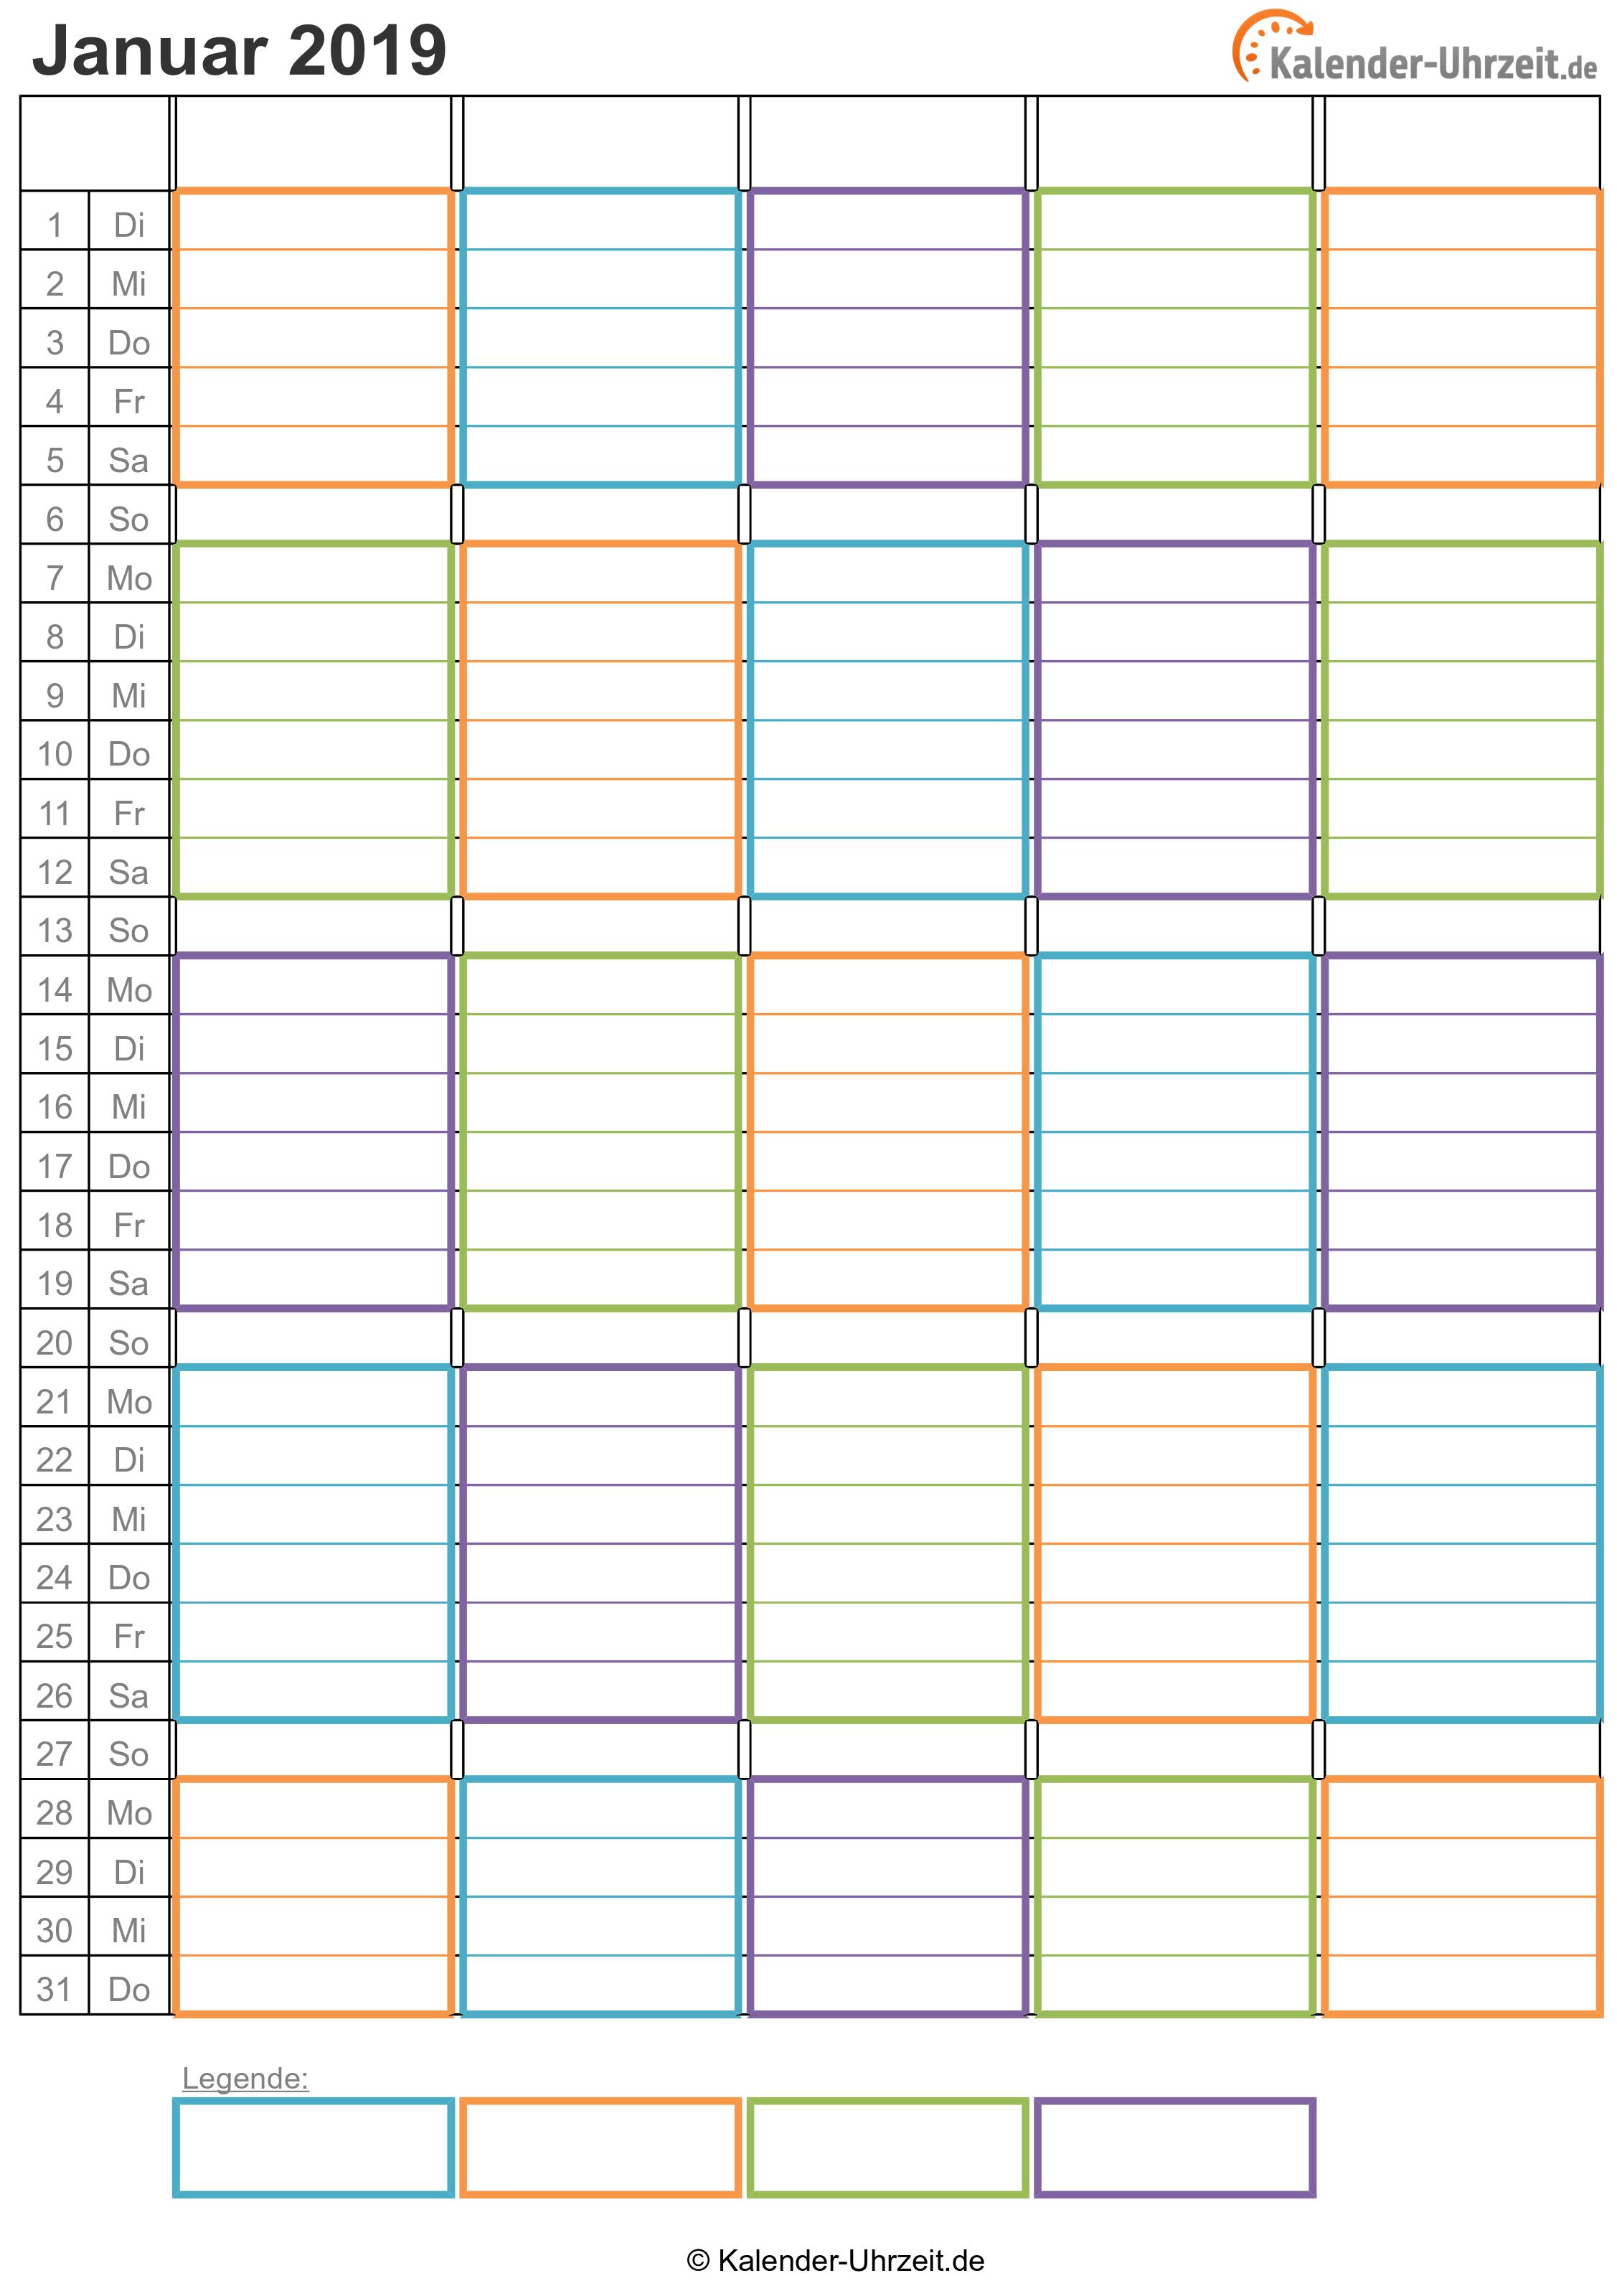 WG-Kalender 2019 vier Personen Vorschau